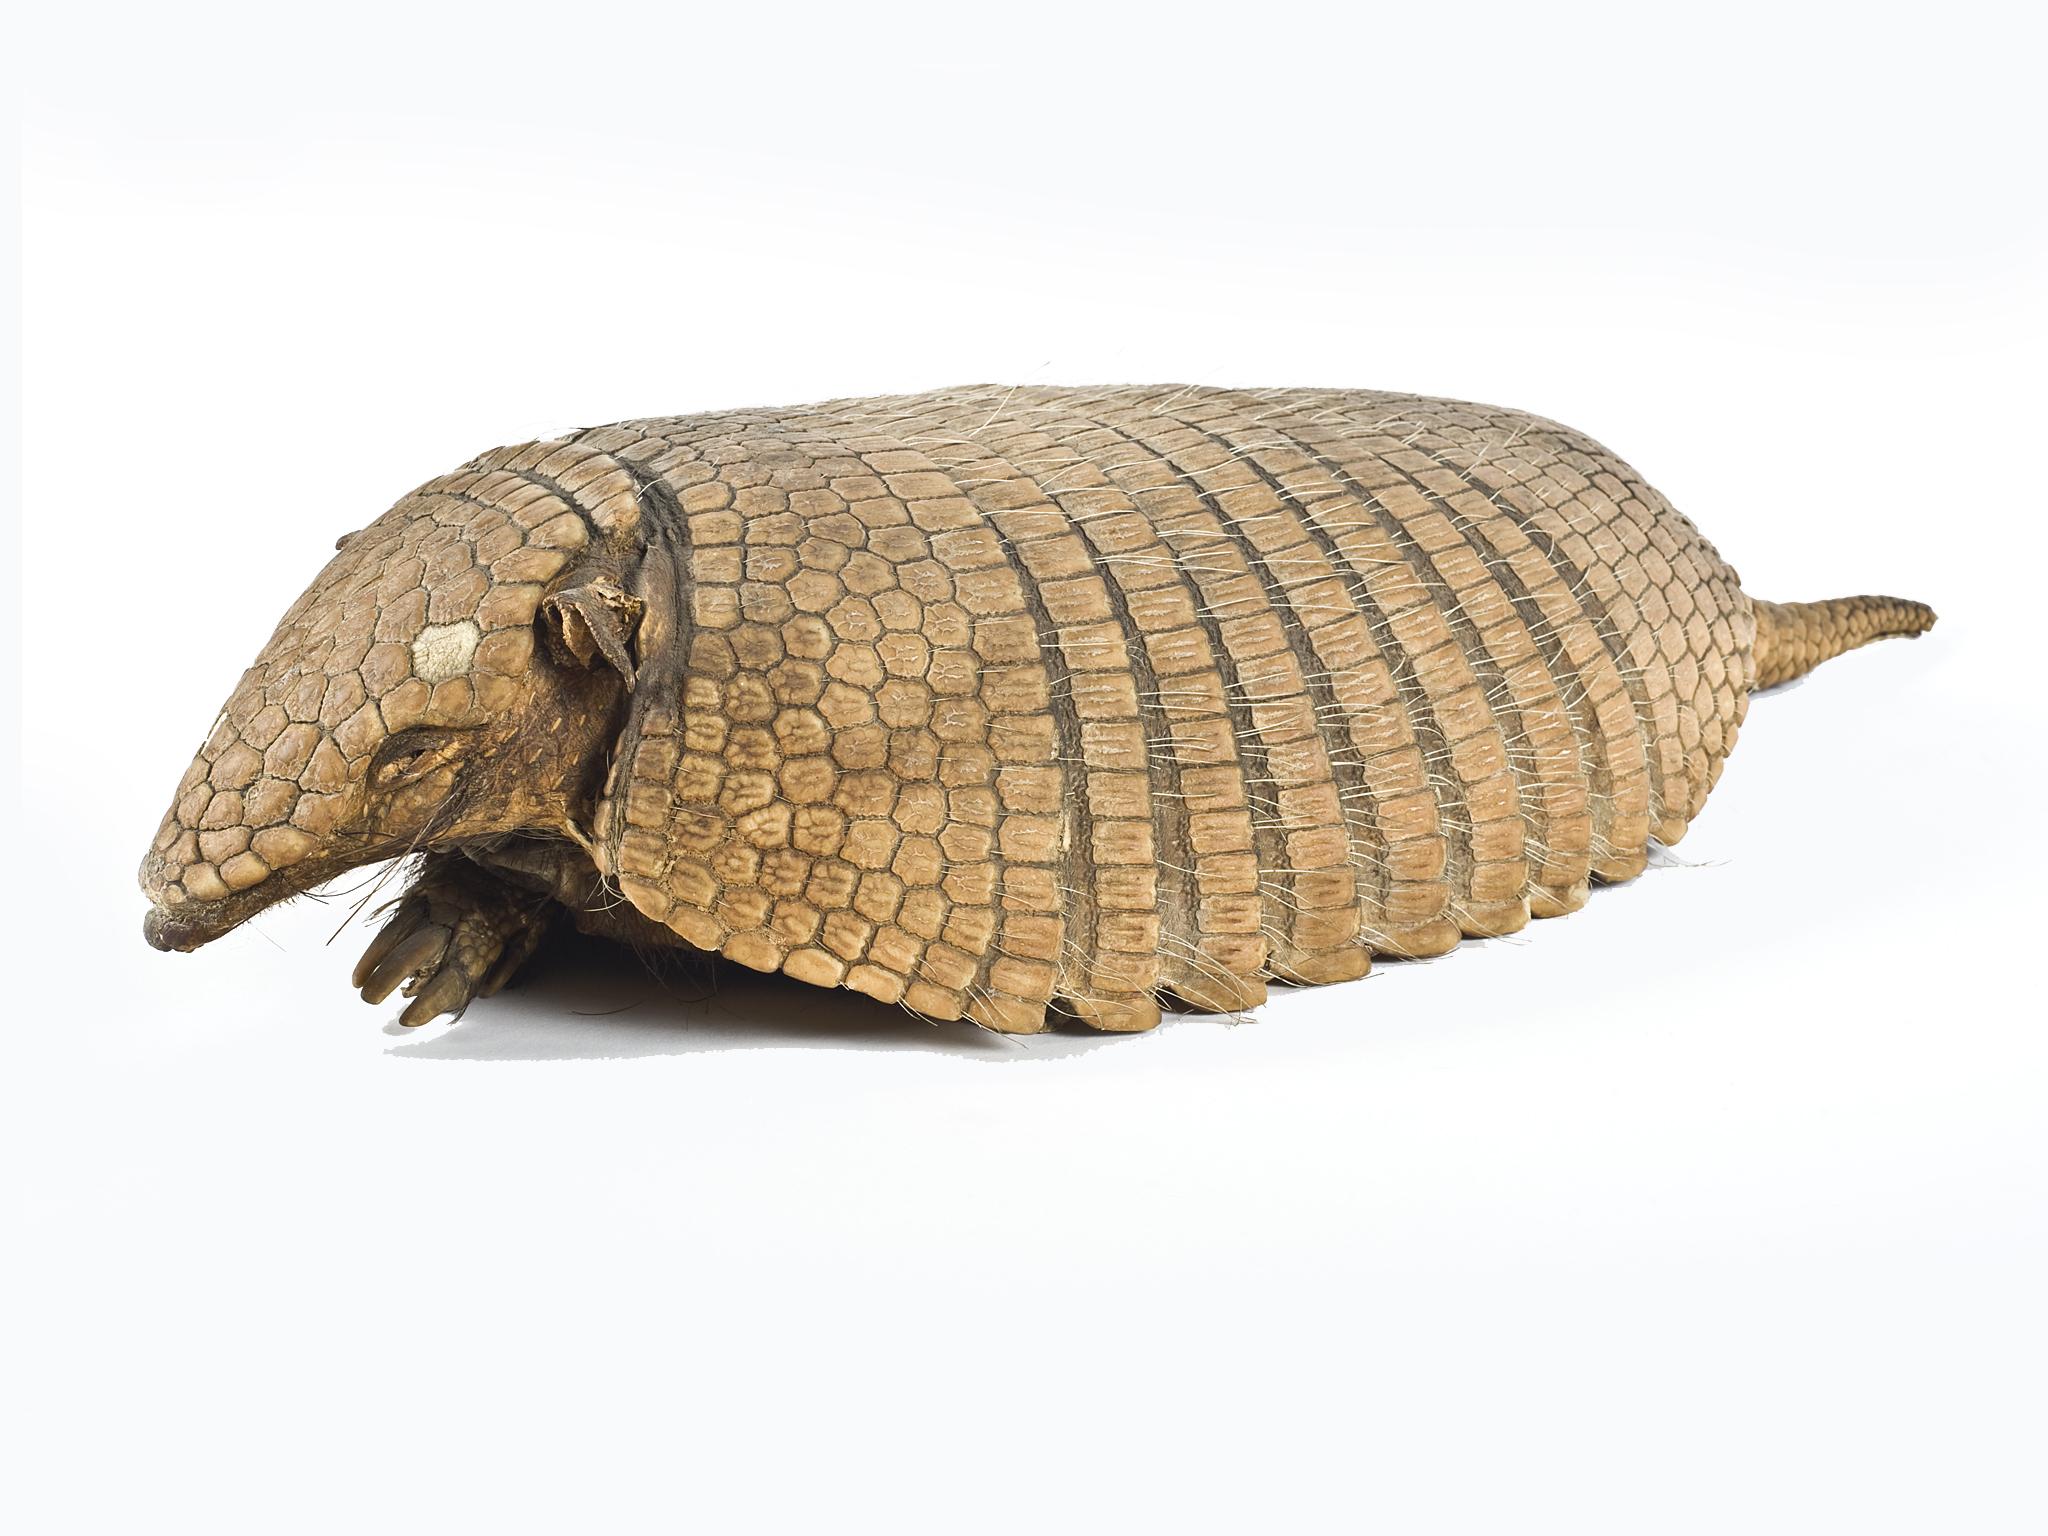 Tatu-canastra, Priodontes maximus